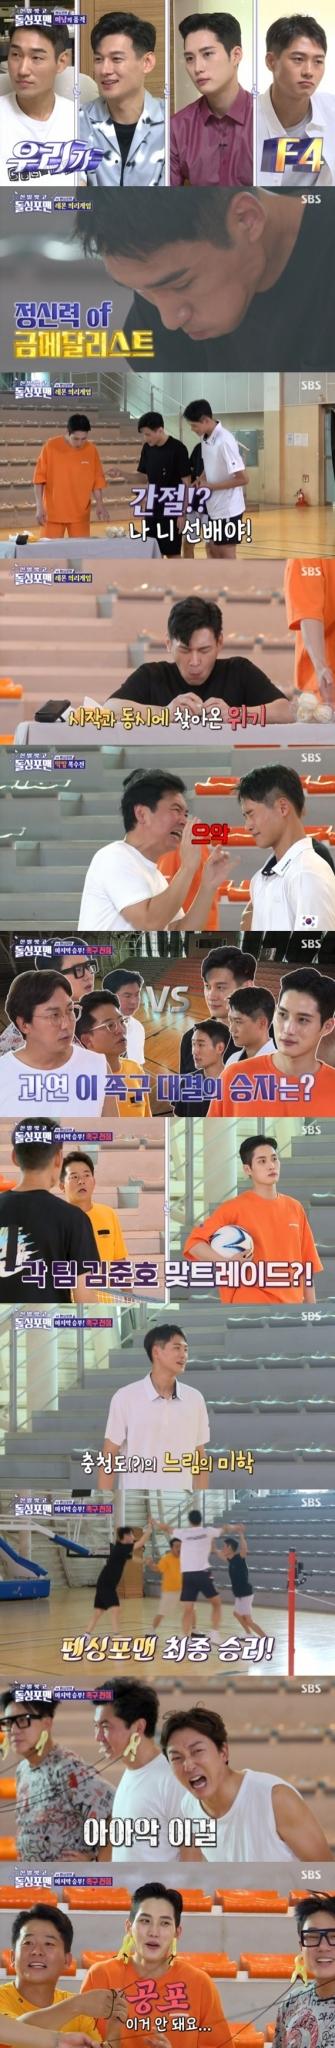 SBS '신발 벗고 돌싱포맨' © 뉴스1